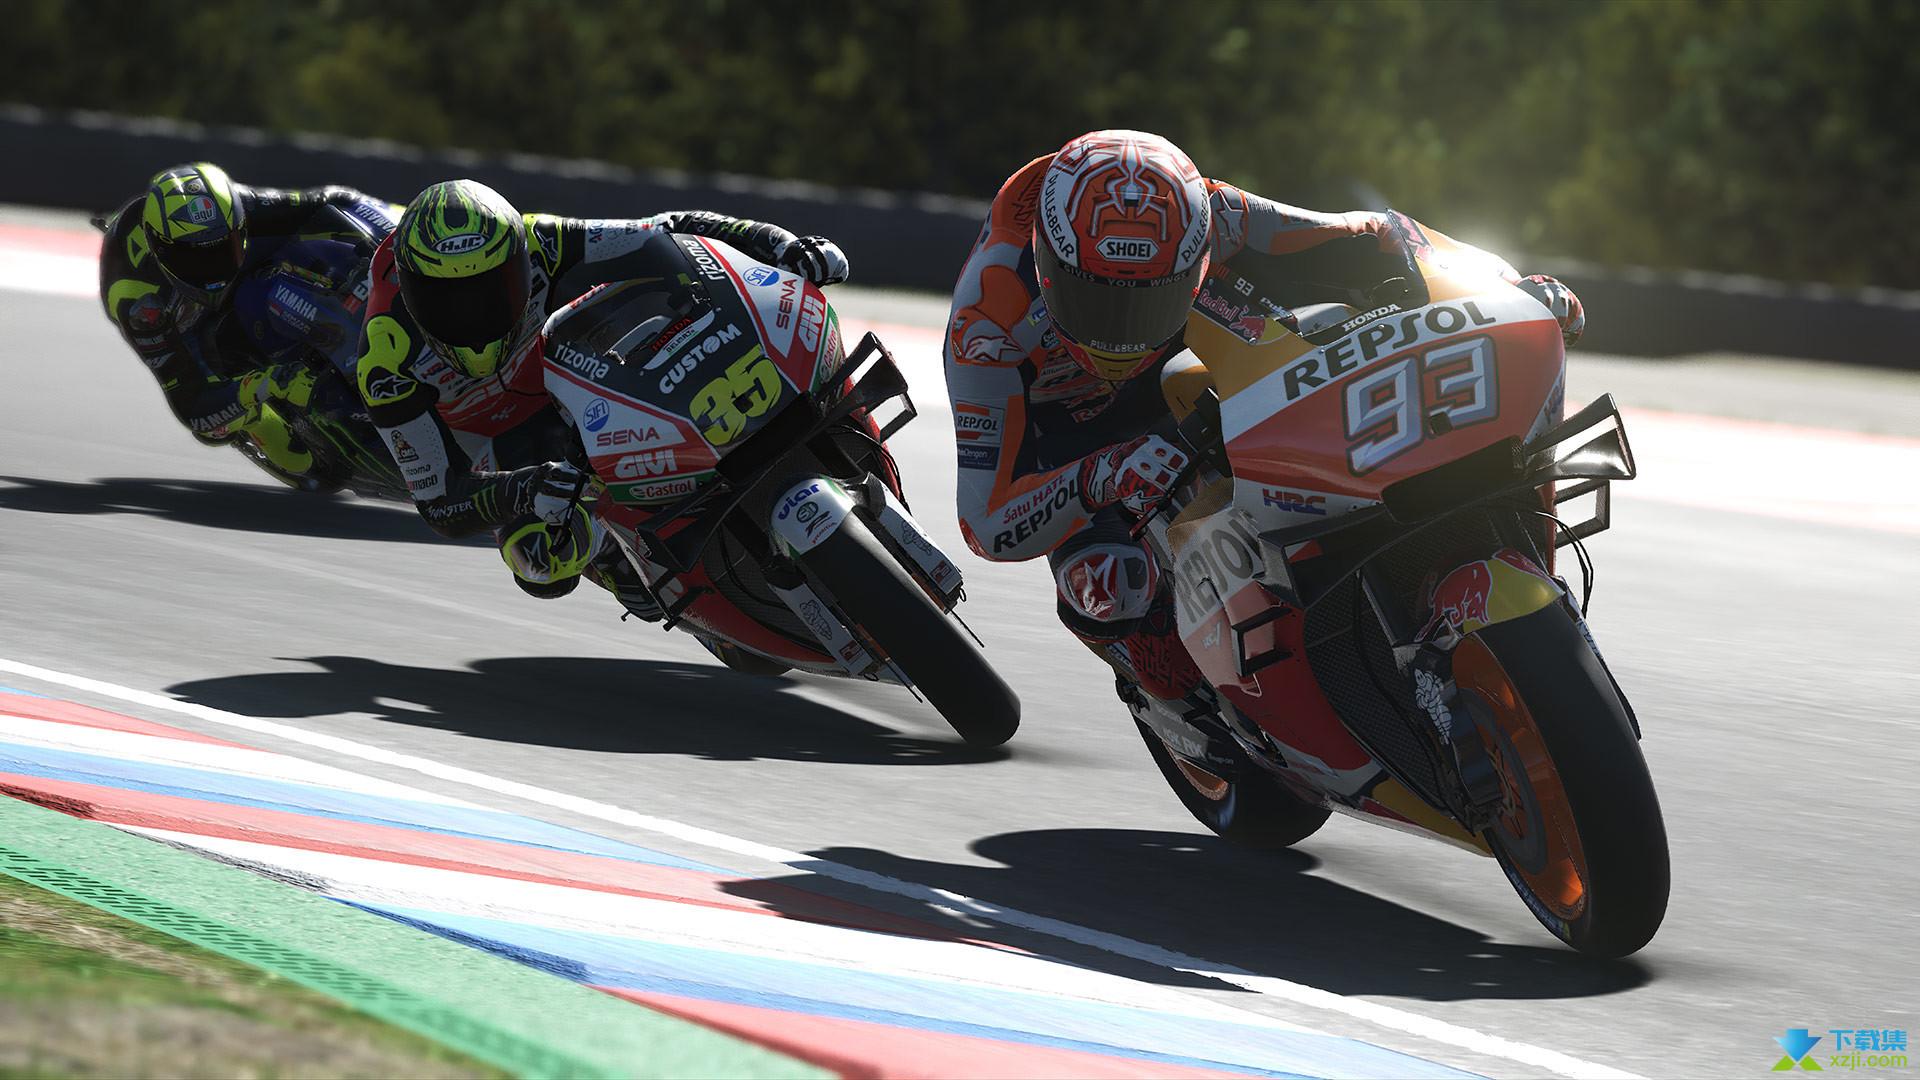 世界摩托大奖赛20界面3